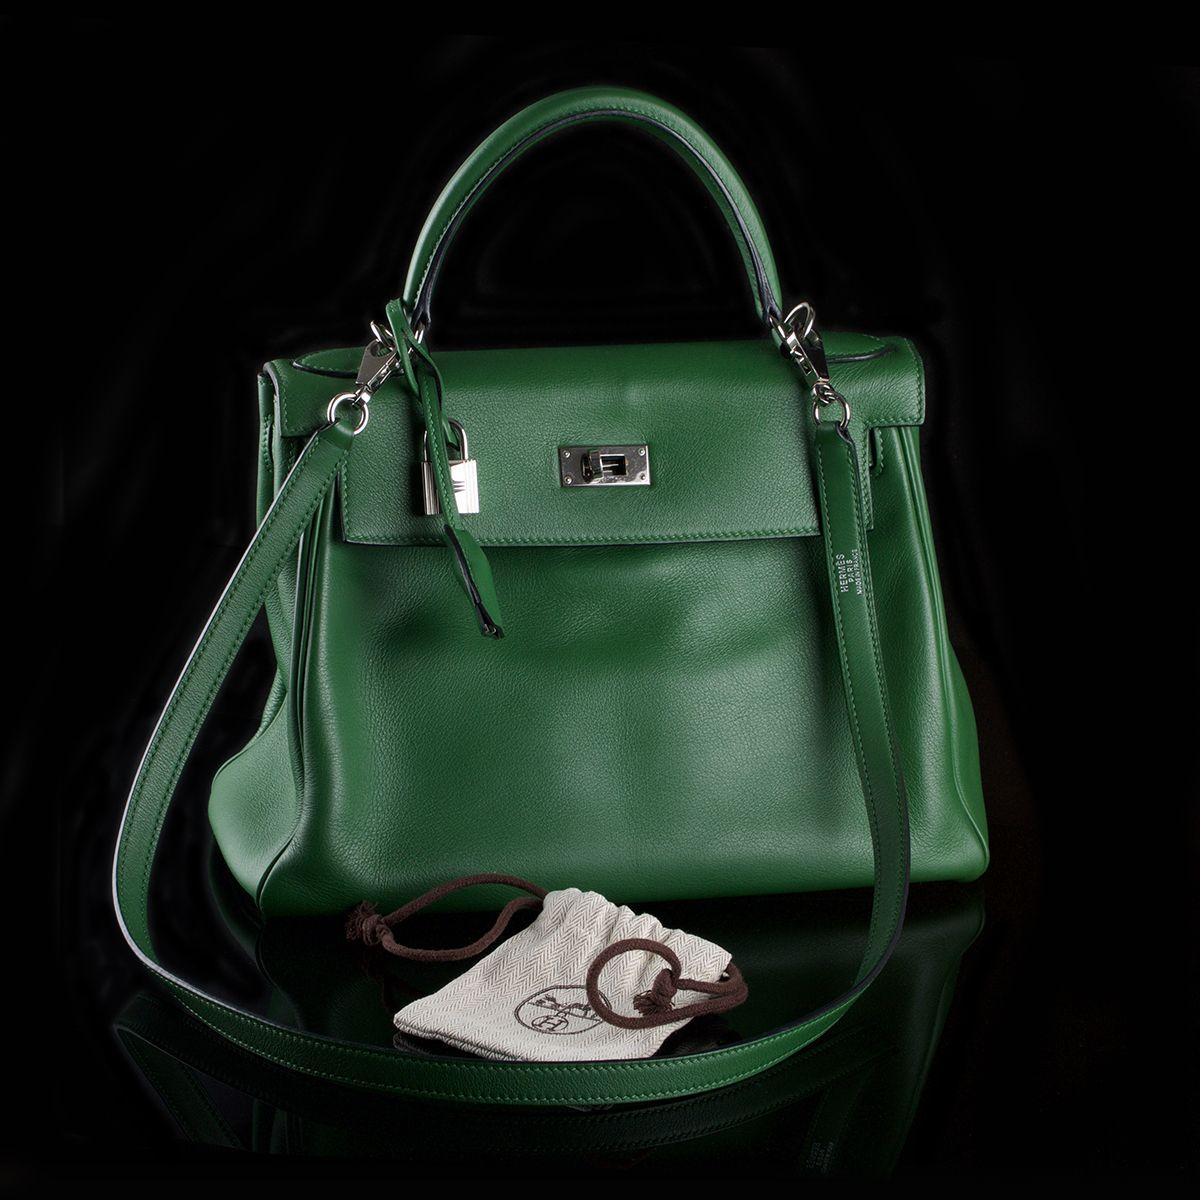 1b046ead225a Second hand super chic Hermès shoulder and handbag